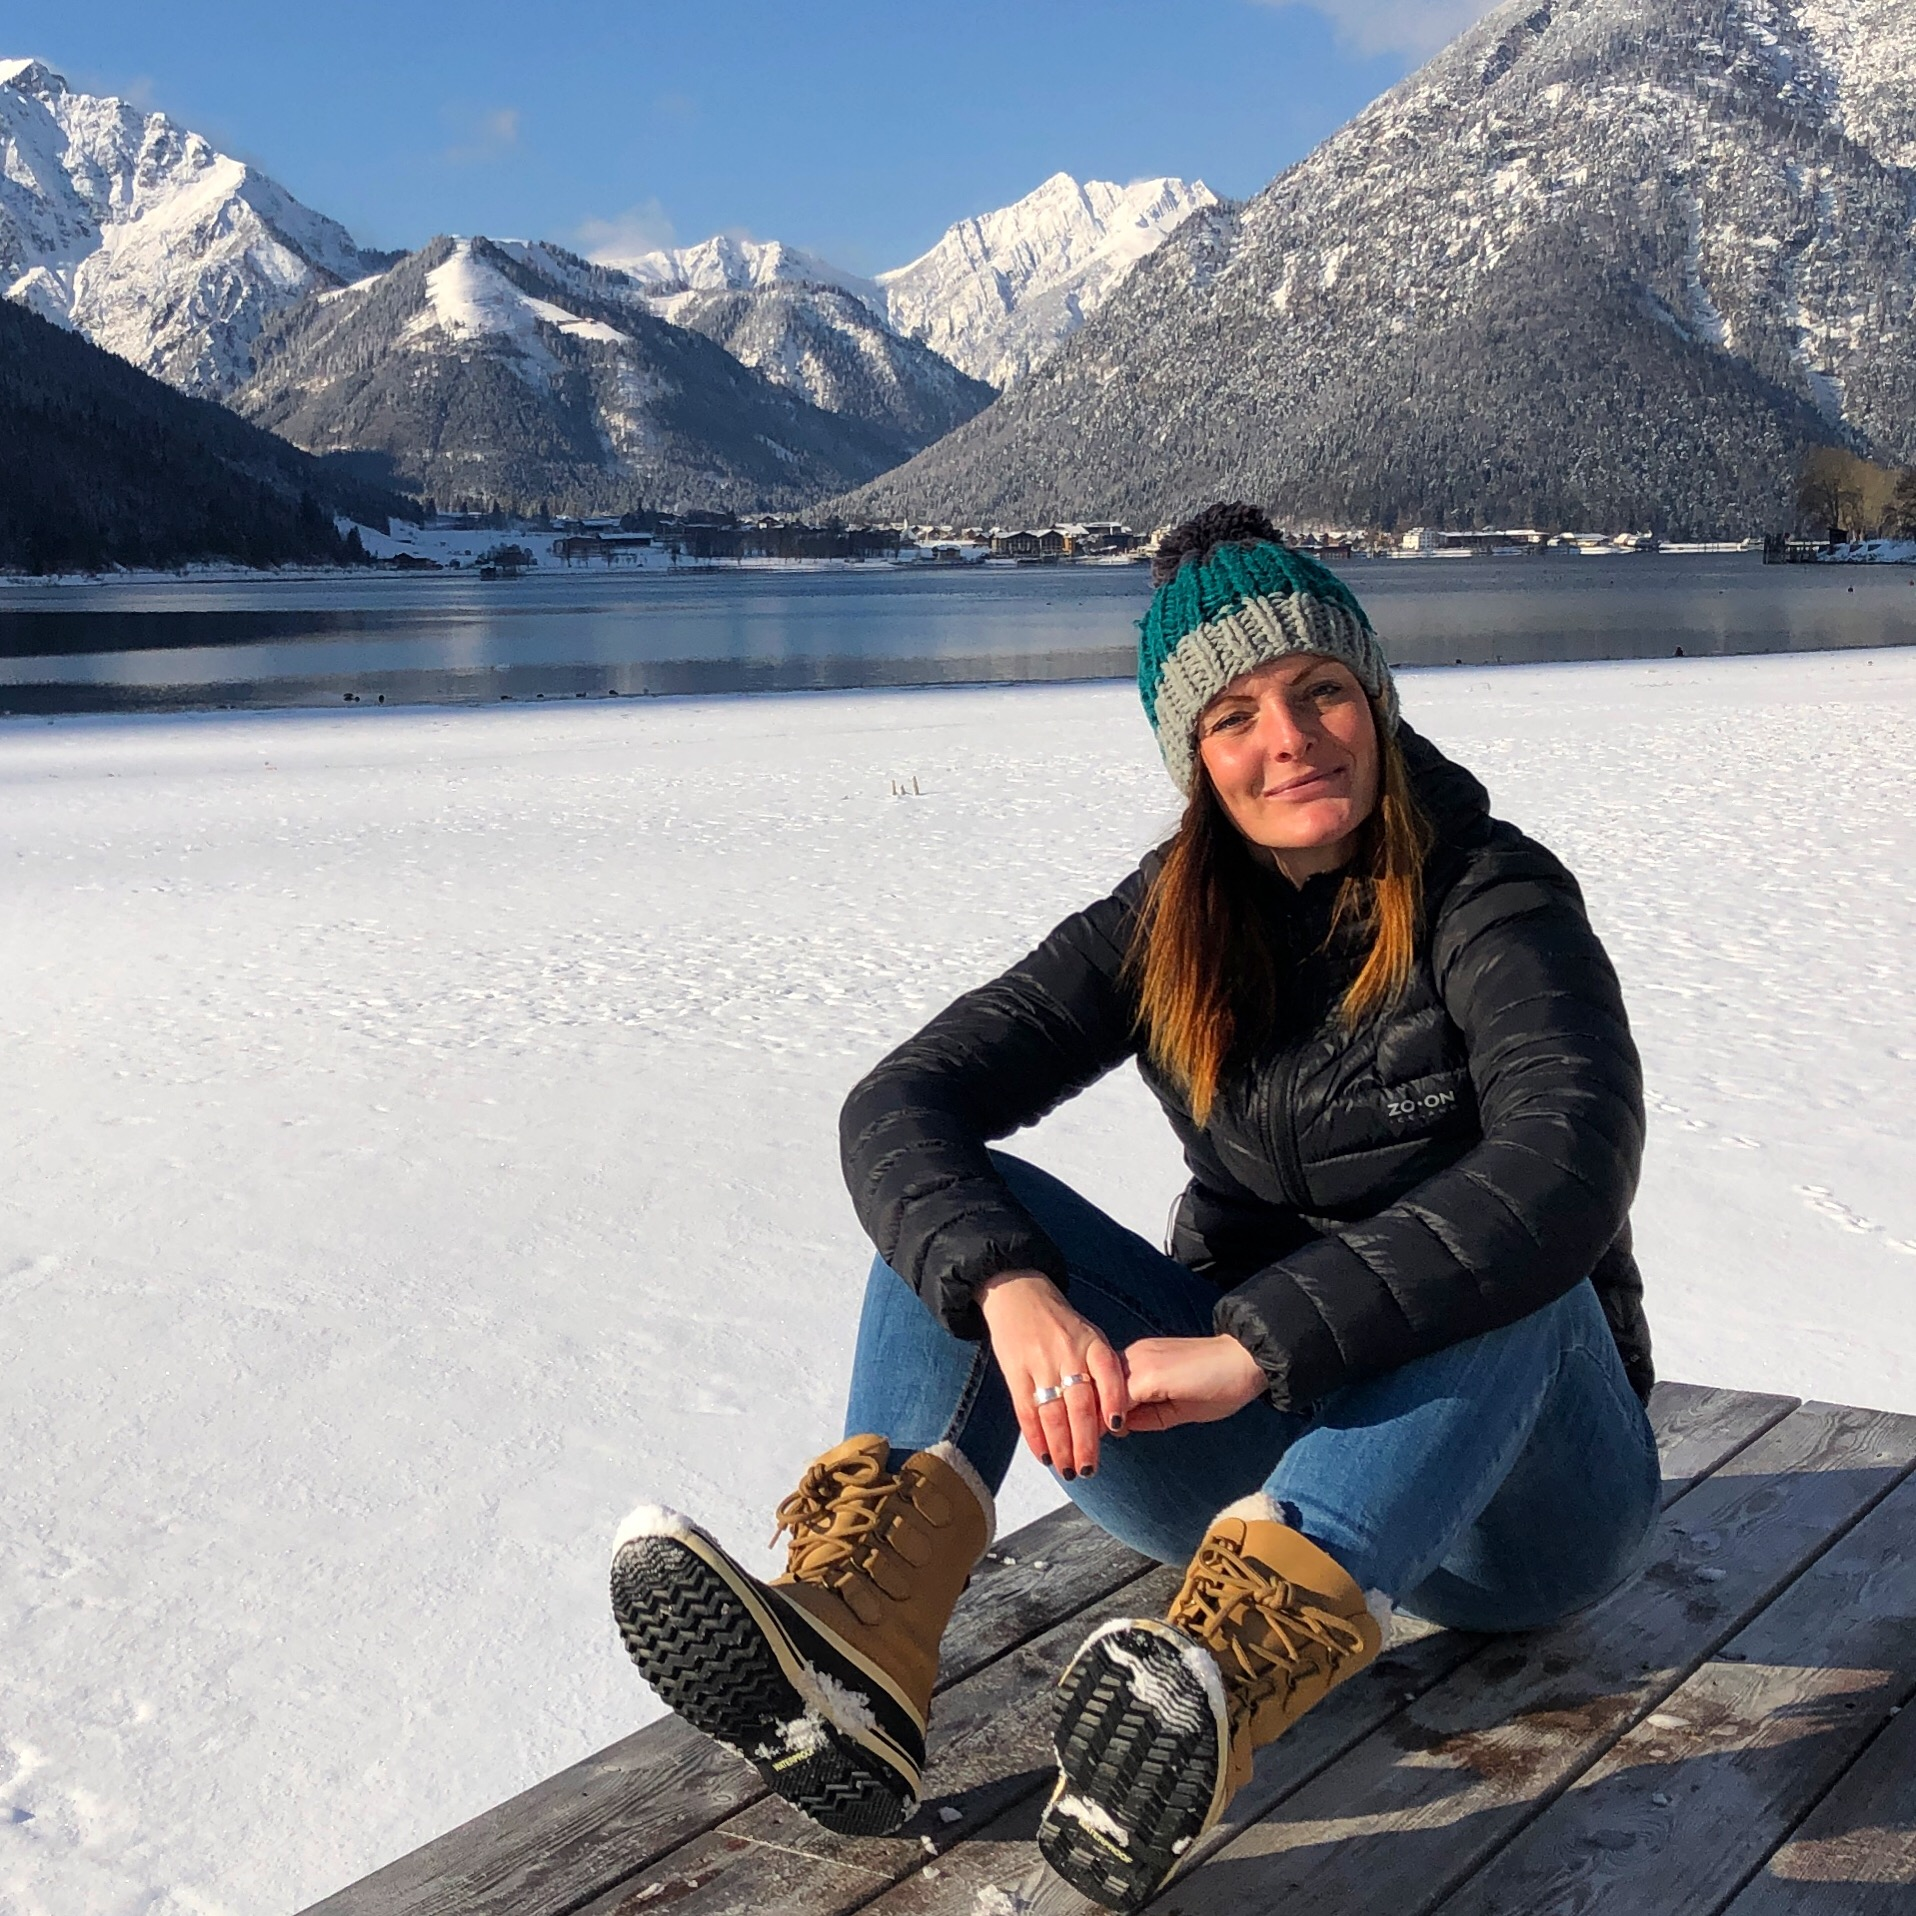 Aan de Achensee in de winter